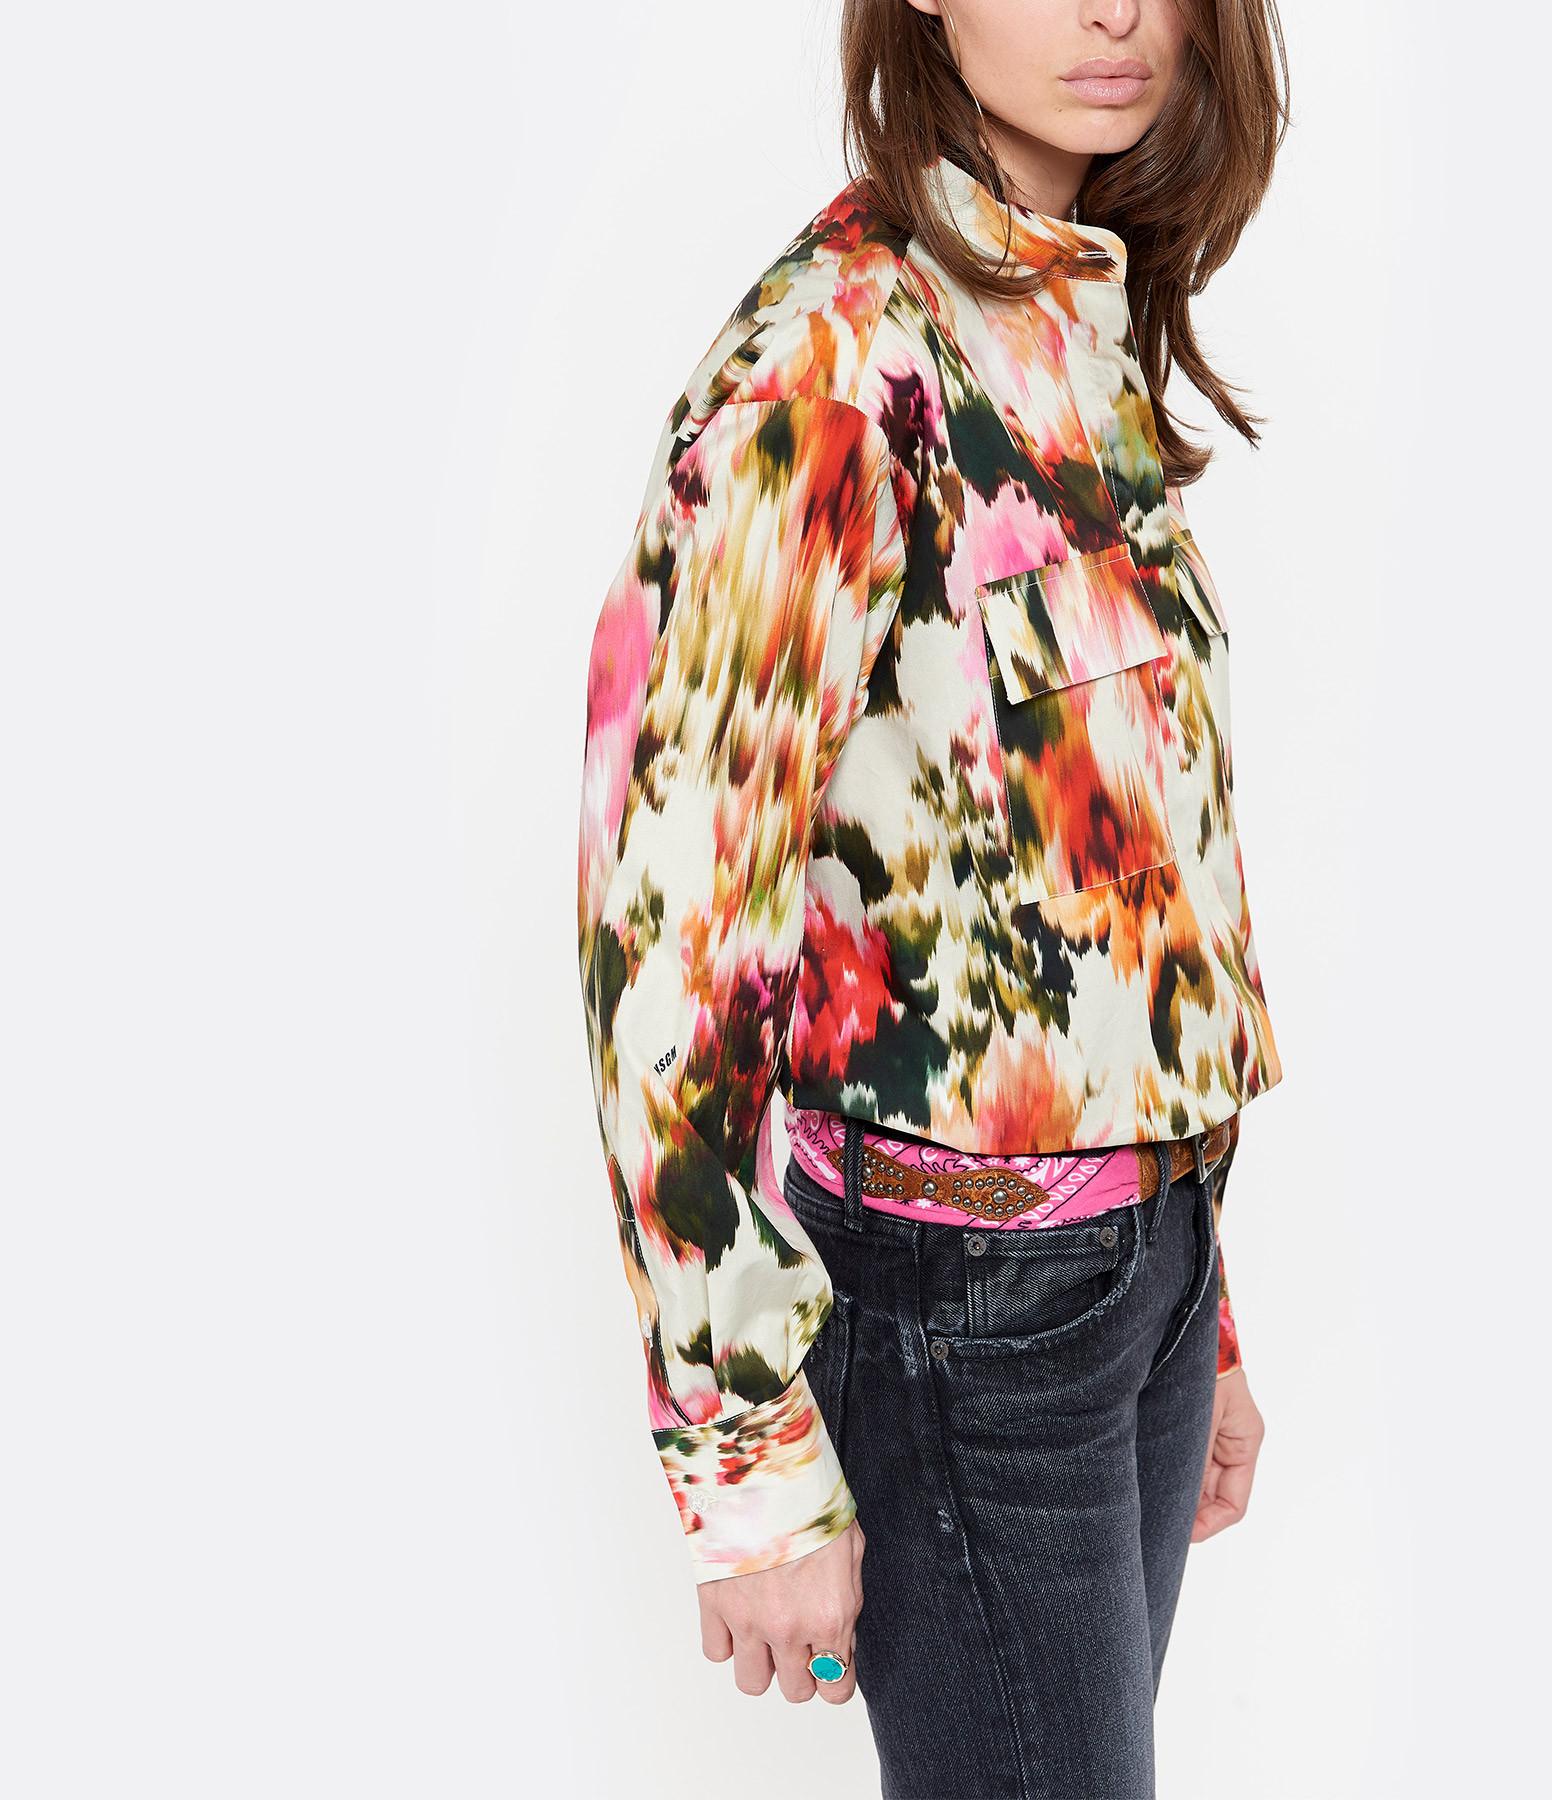 MSGM - Chemise Imprimé Floral Coton Ecru